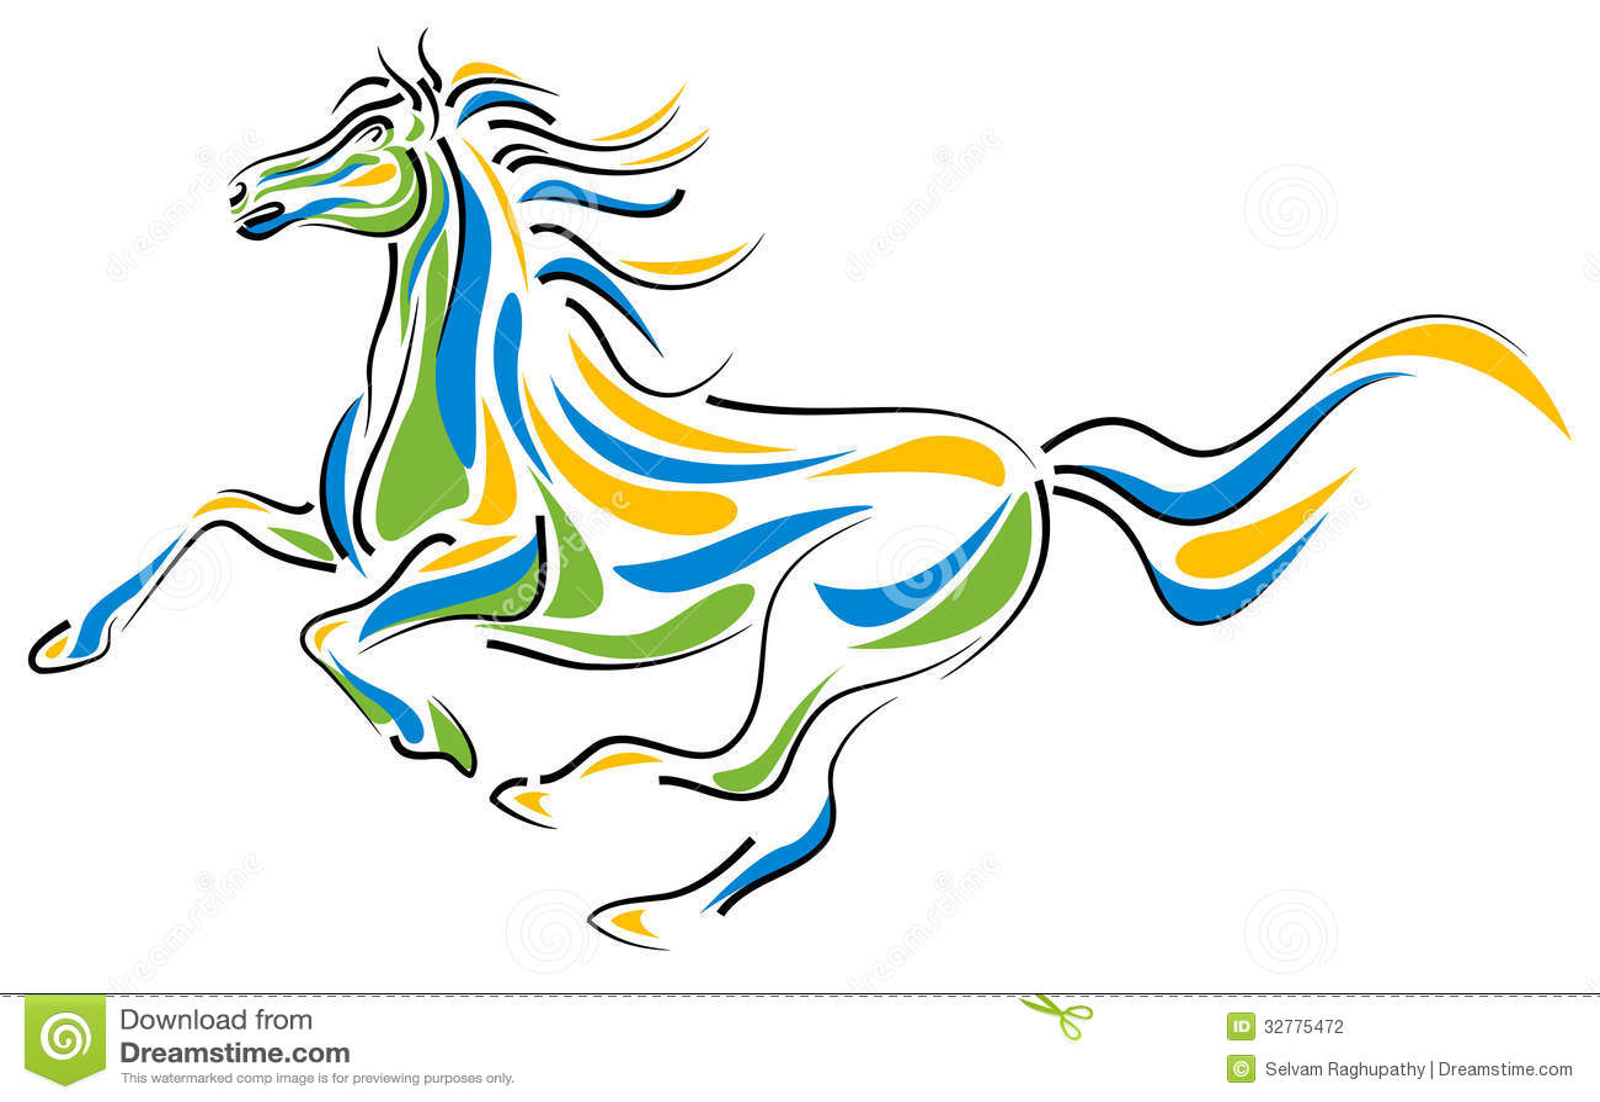 Brush Stroke Horse Stock Photography Image 32775472